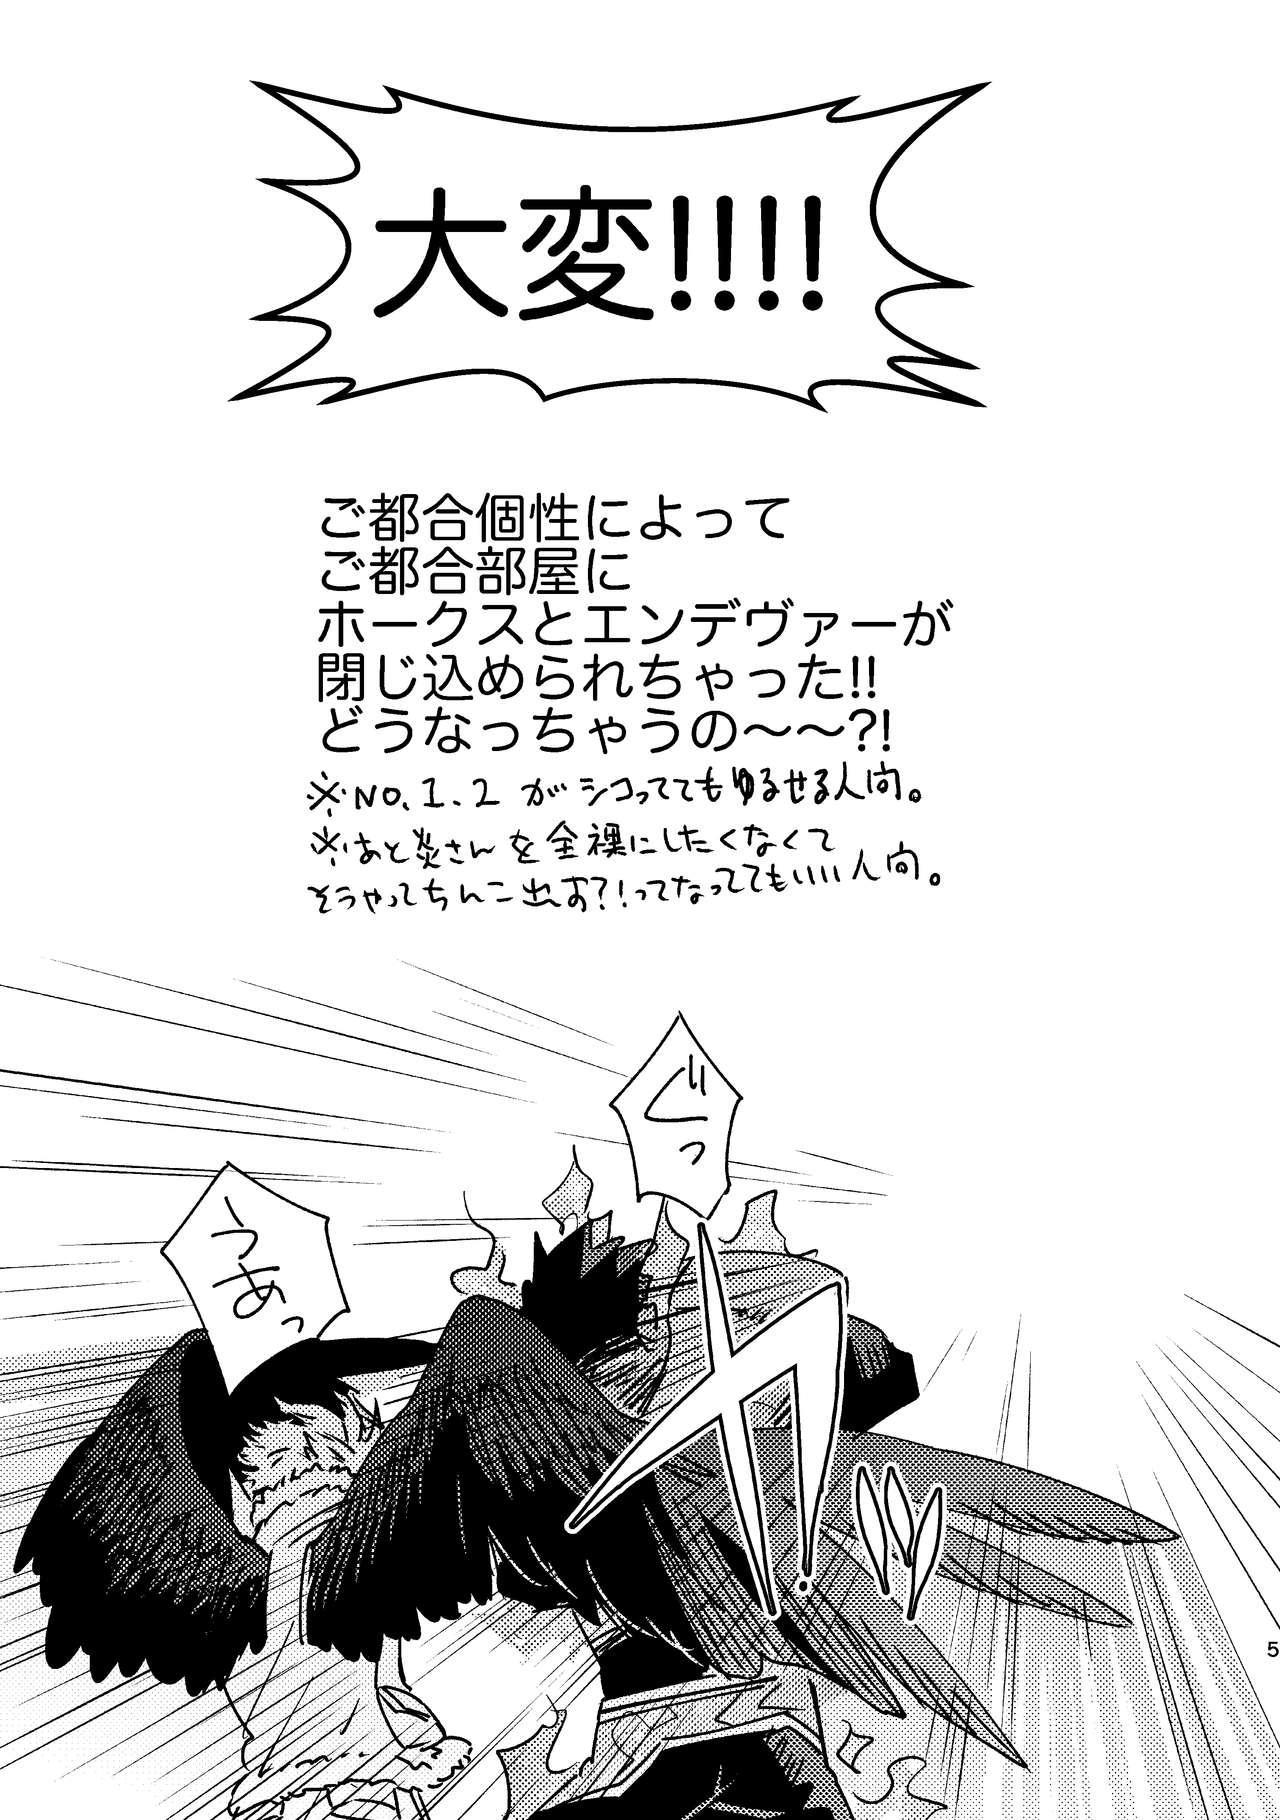 WEB Sairoku Zumi HawEn Manga ga Kami demo Yomeru Hon. 4